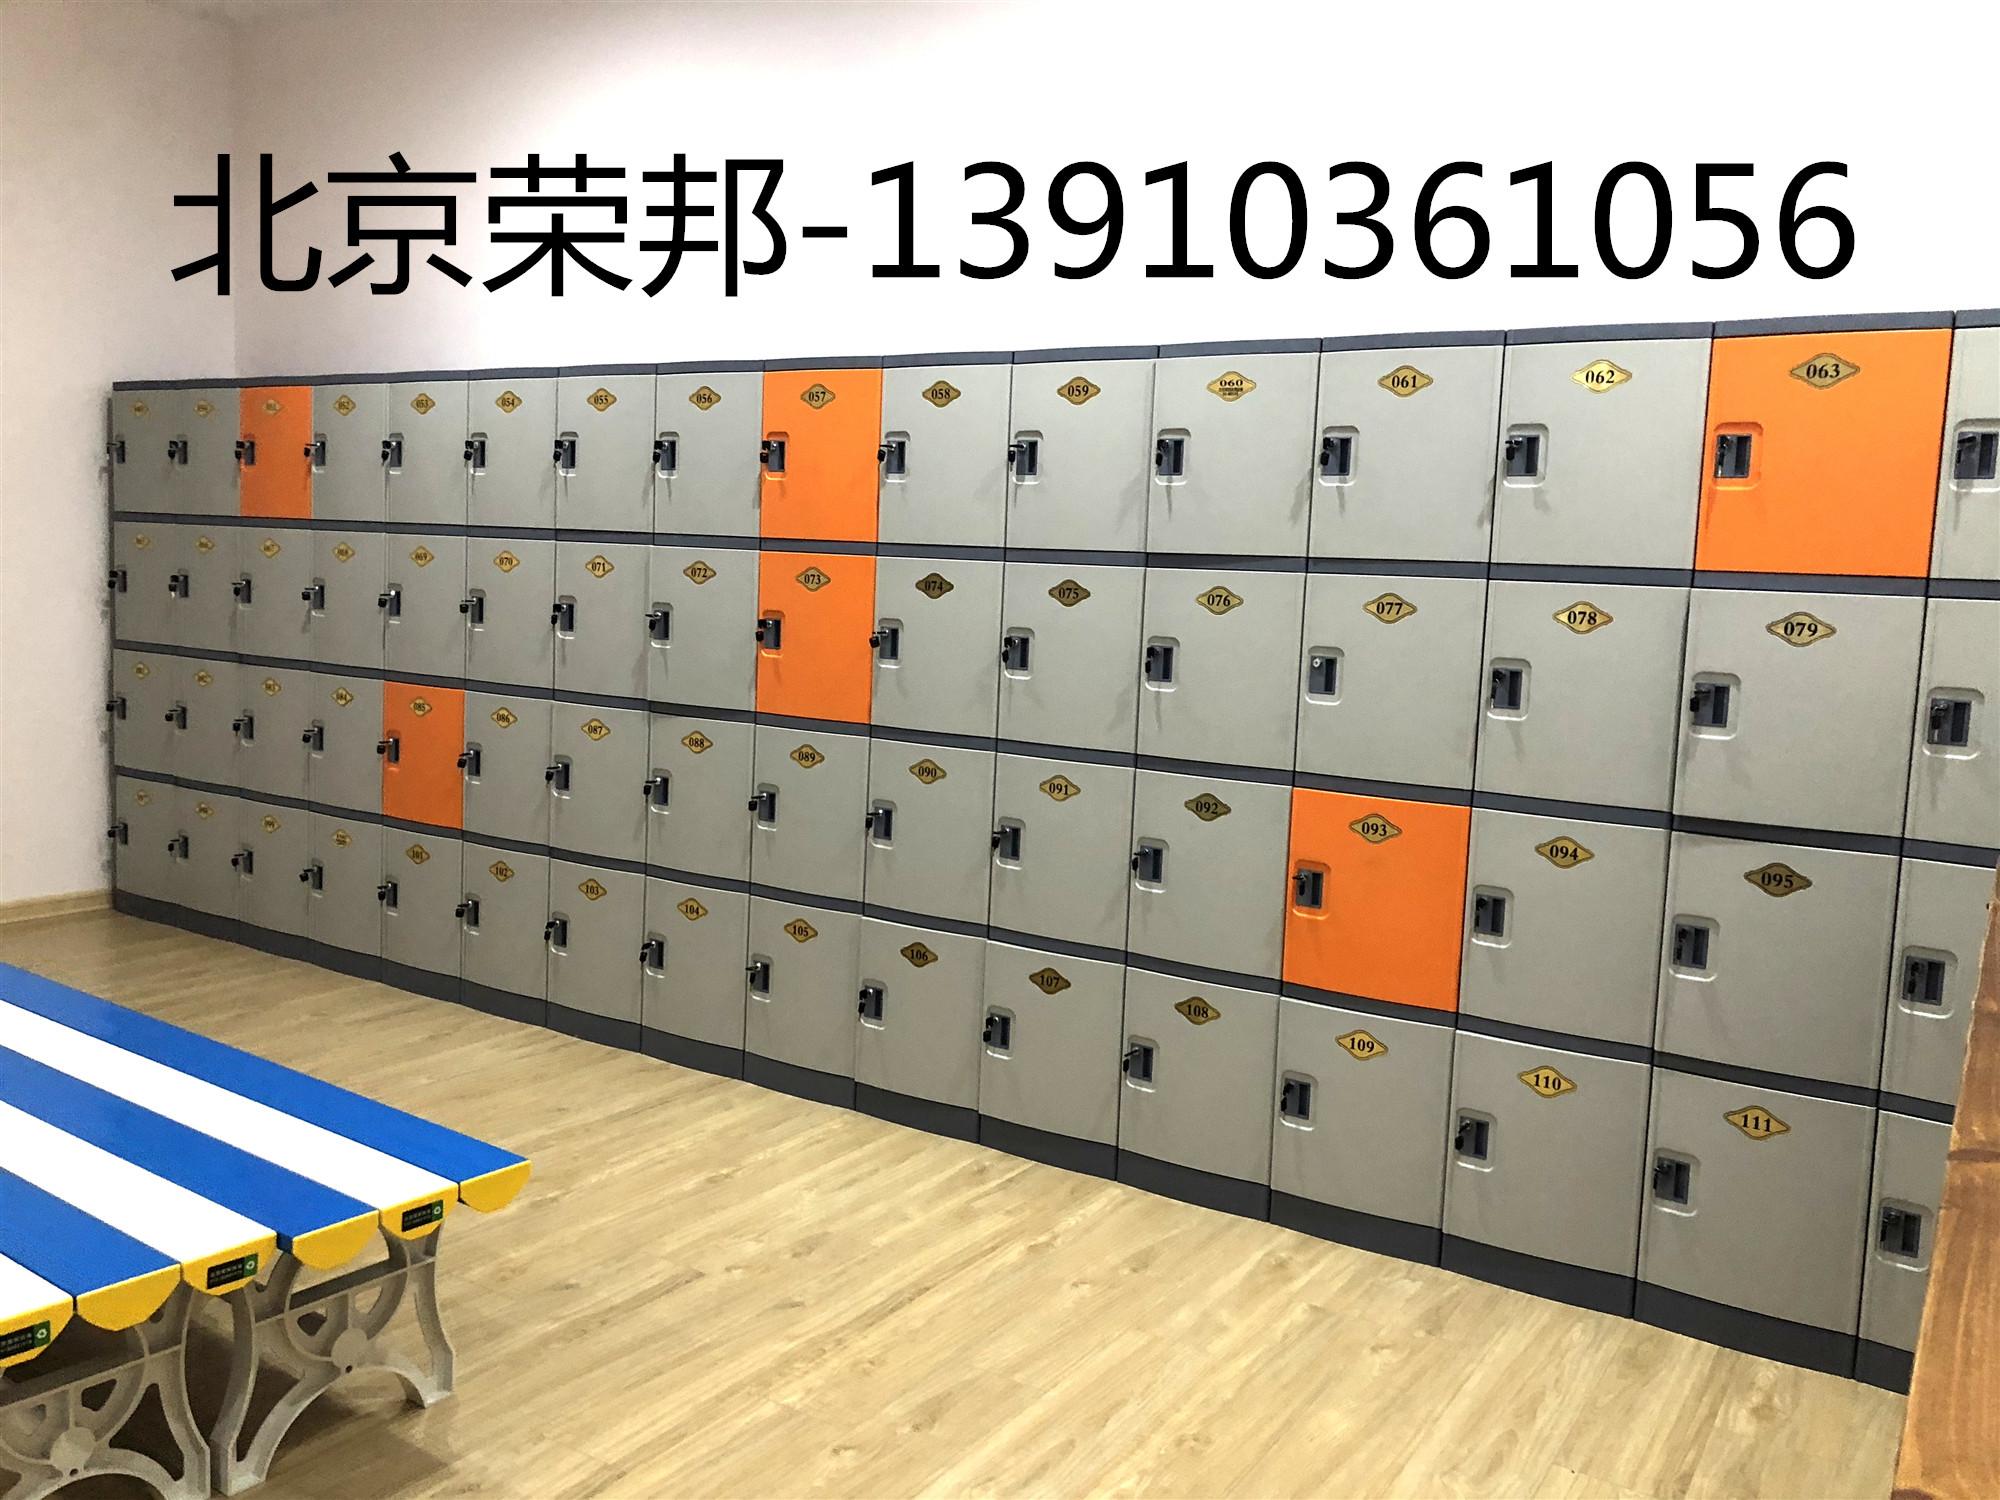 全塑更衣柜图片/全塑更衣柜样板图 (1)